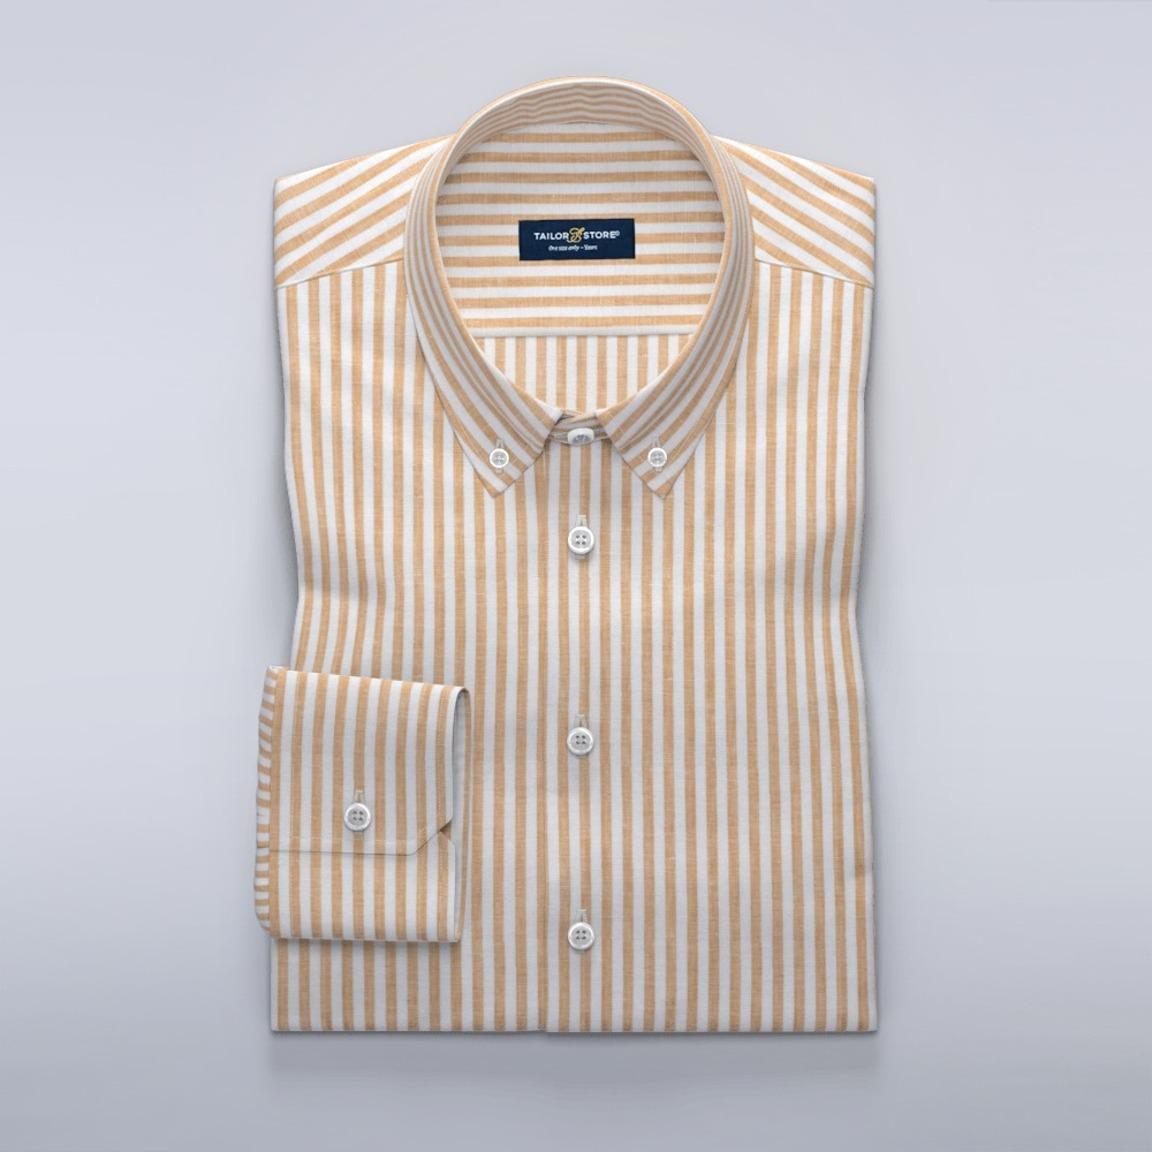 Vit och gulrandig linneskjorta